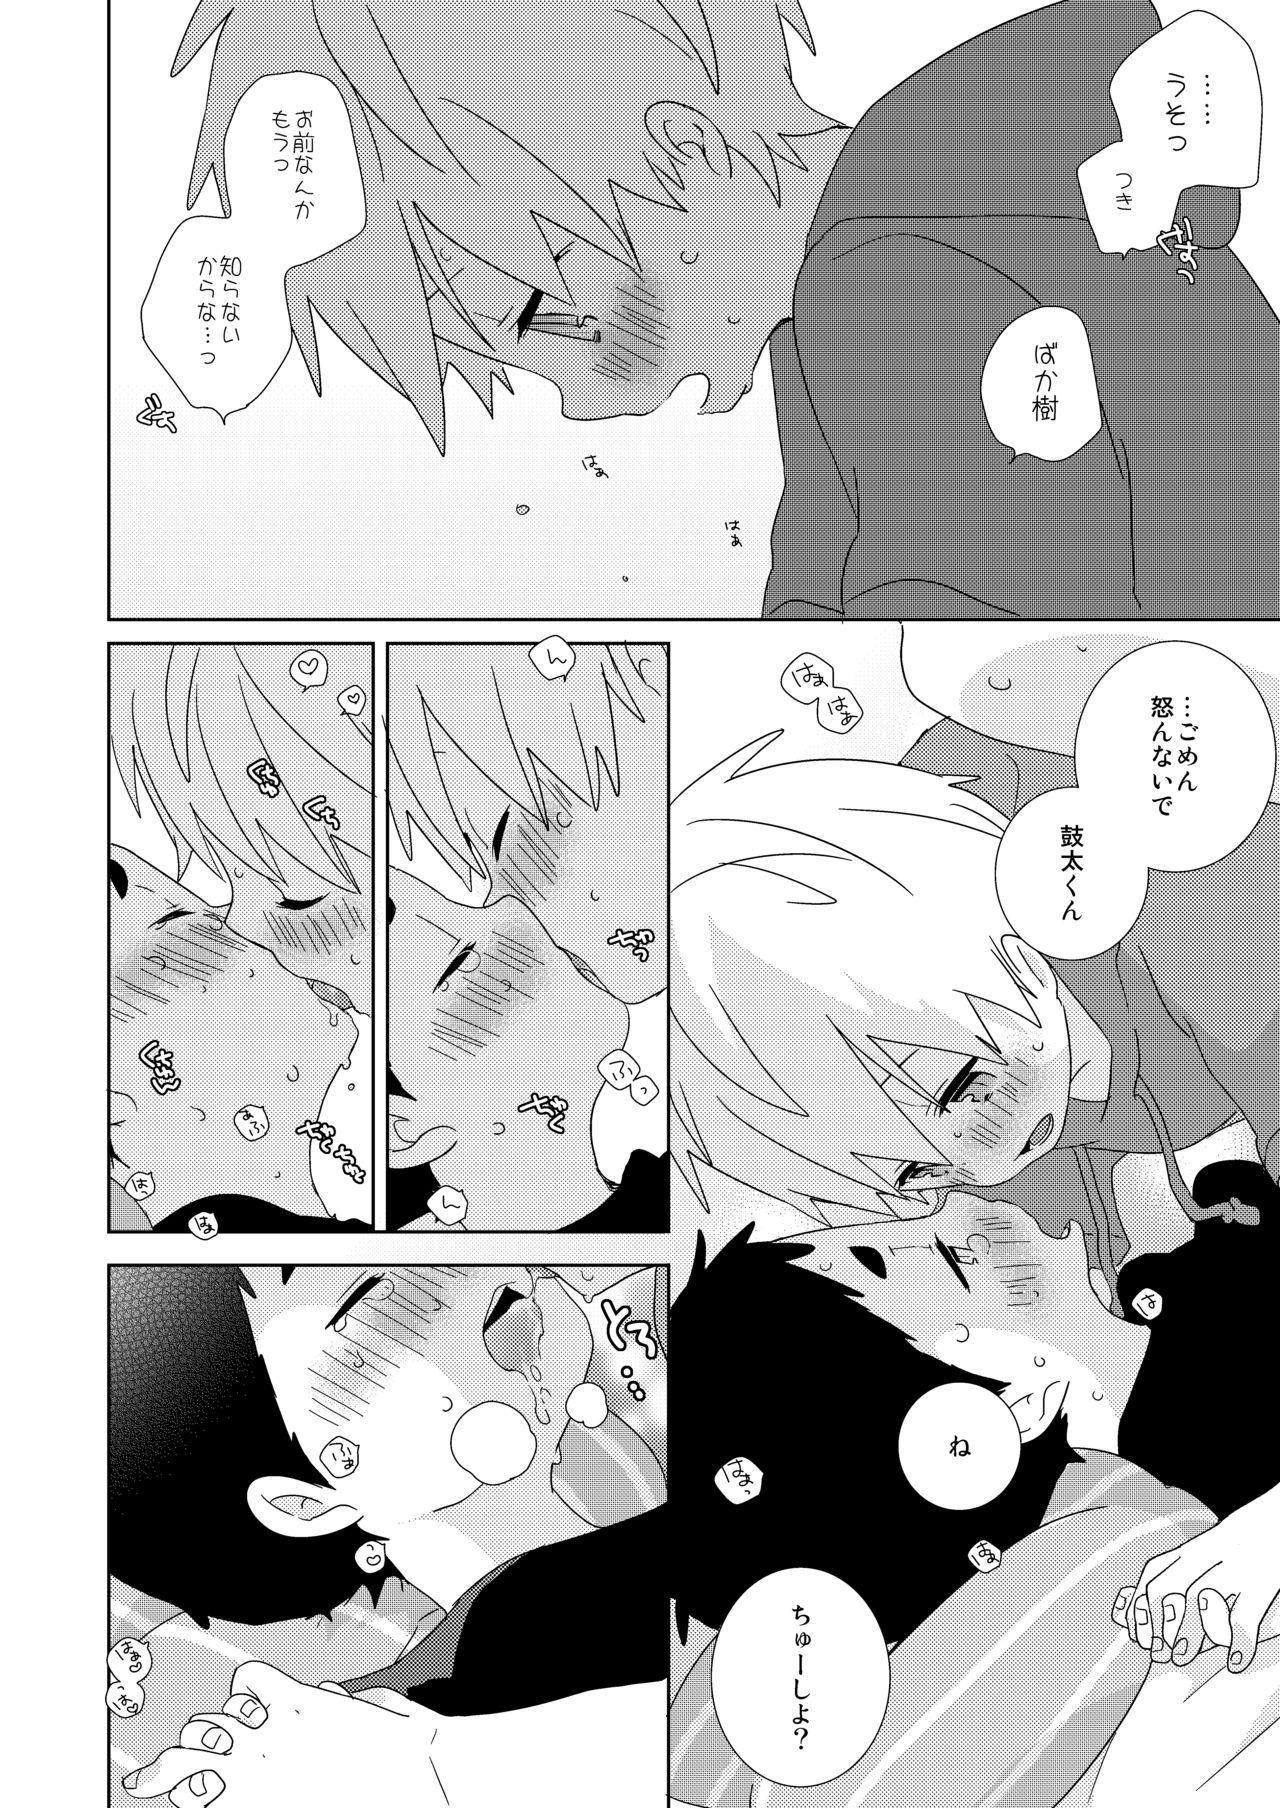 Kota-kun Ecchi Shiyo! 8